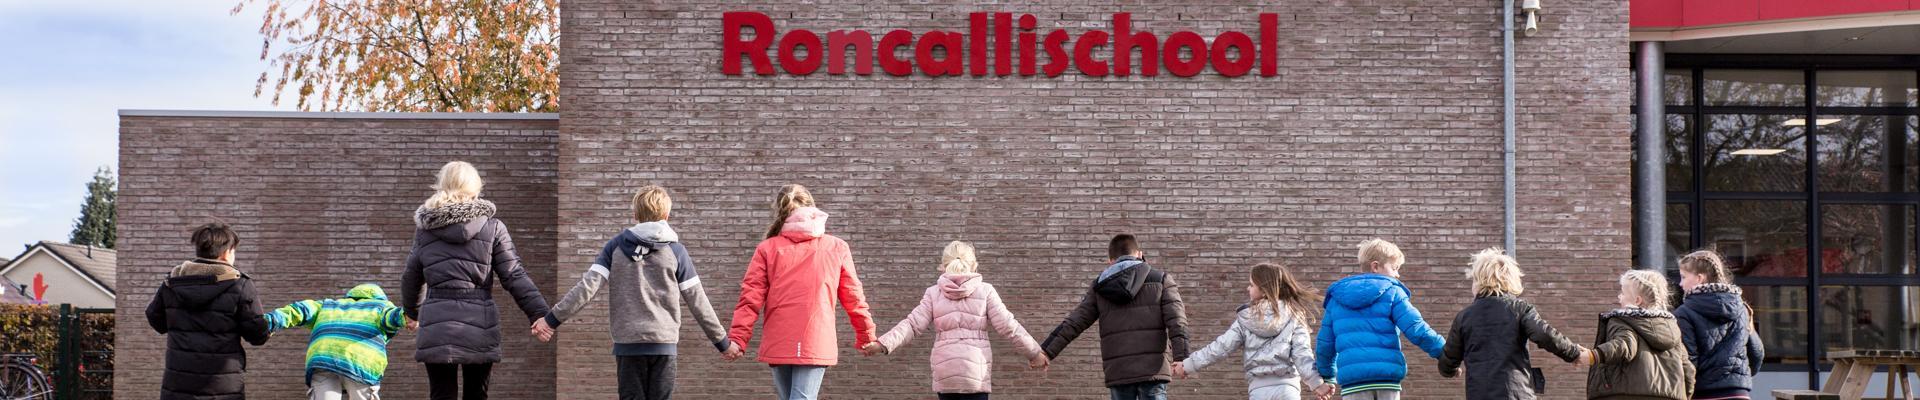 Roncallischool